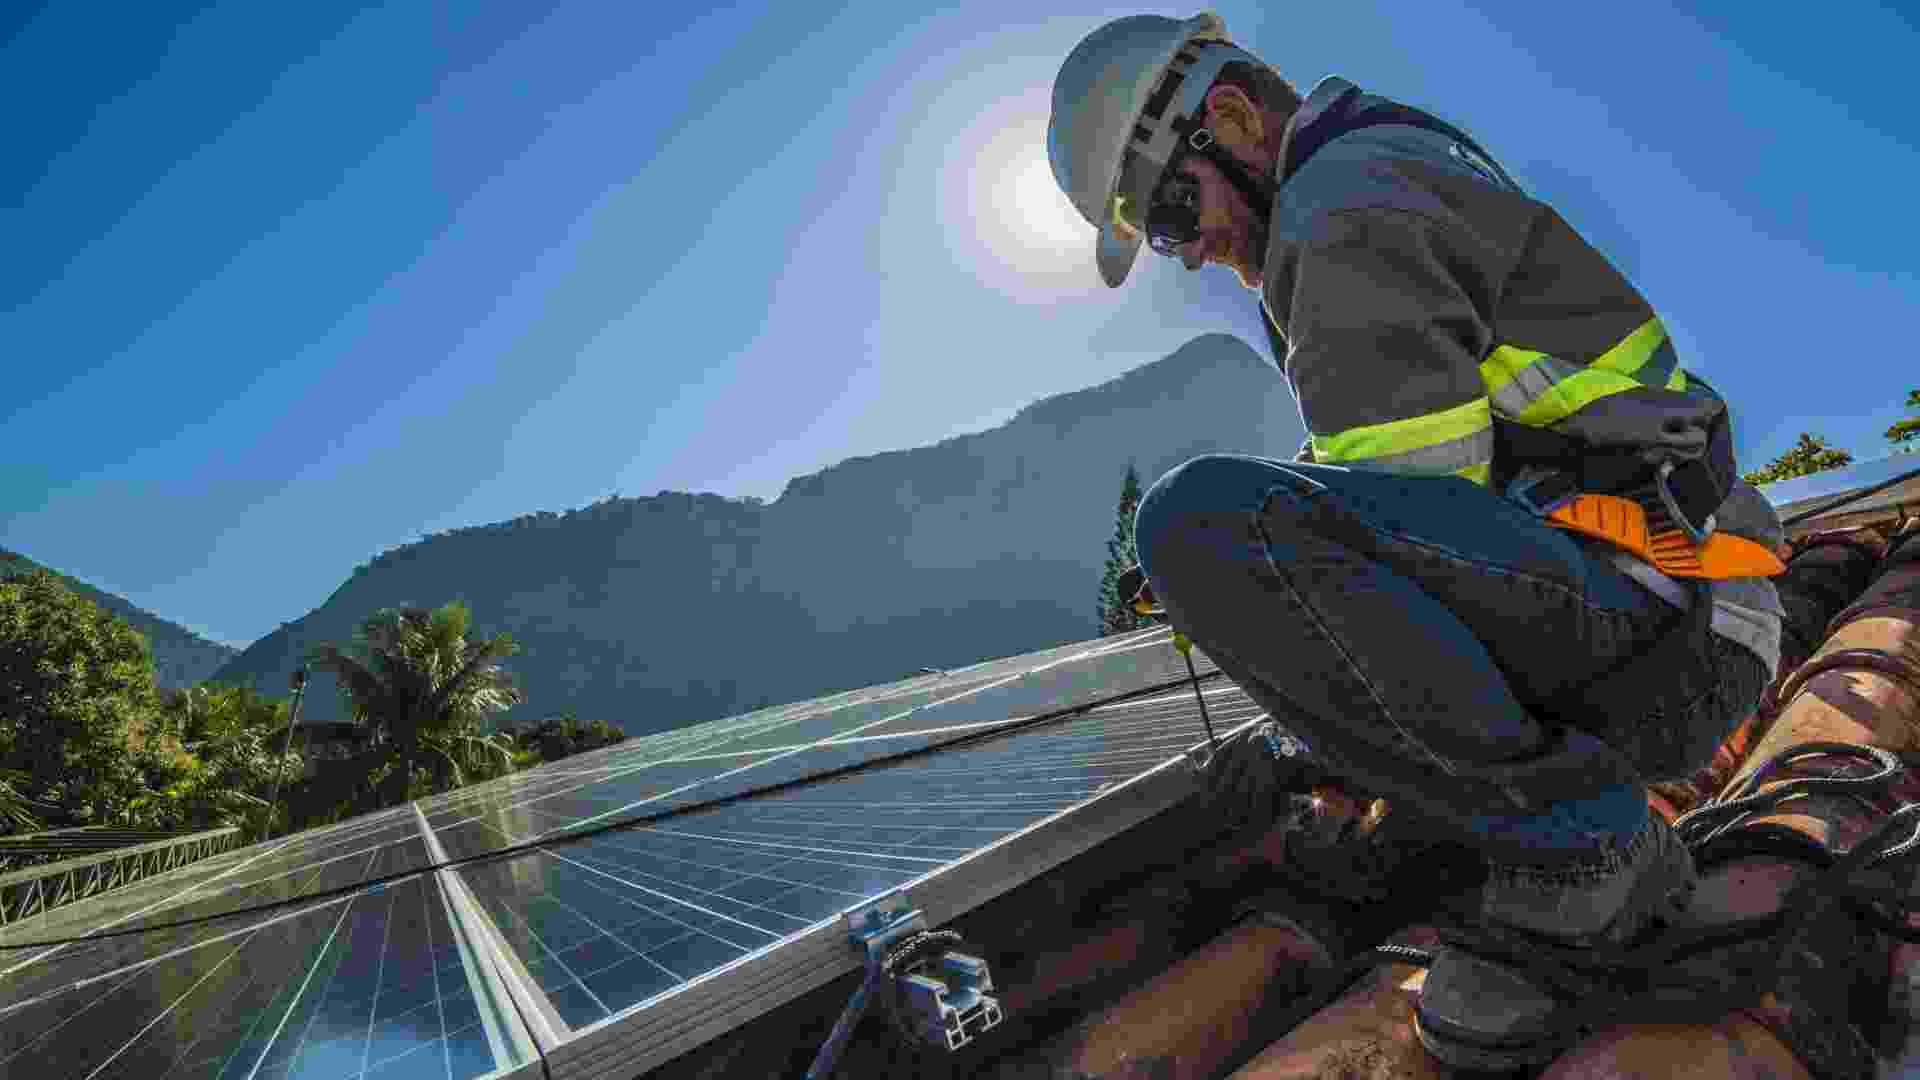 Blue Sol, franquia de energia solar - Divulgação